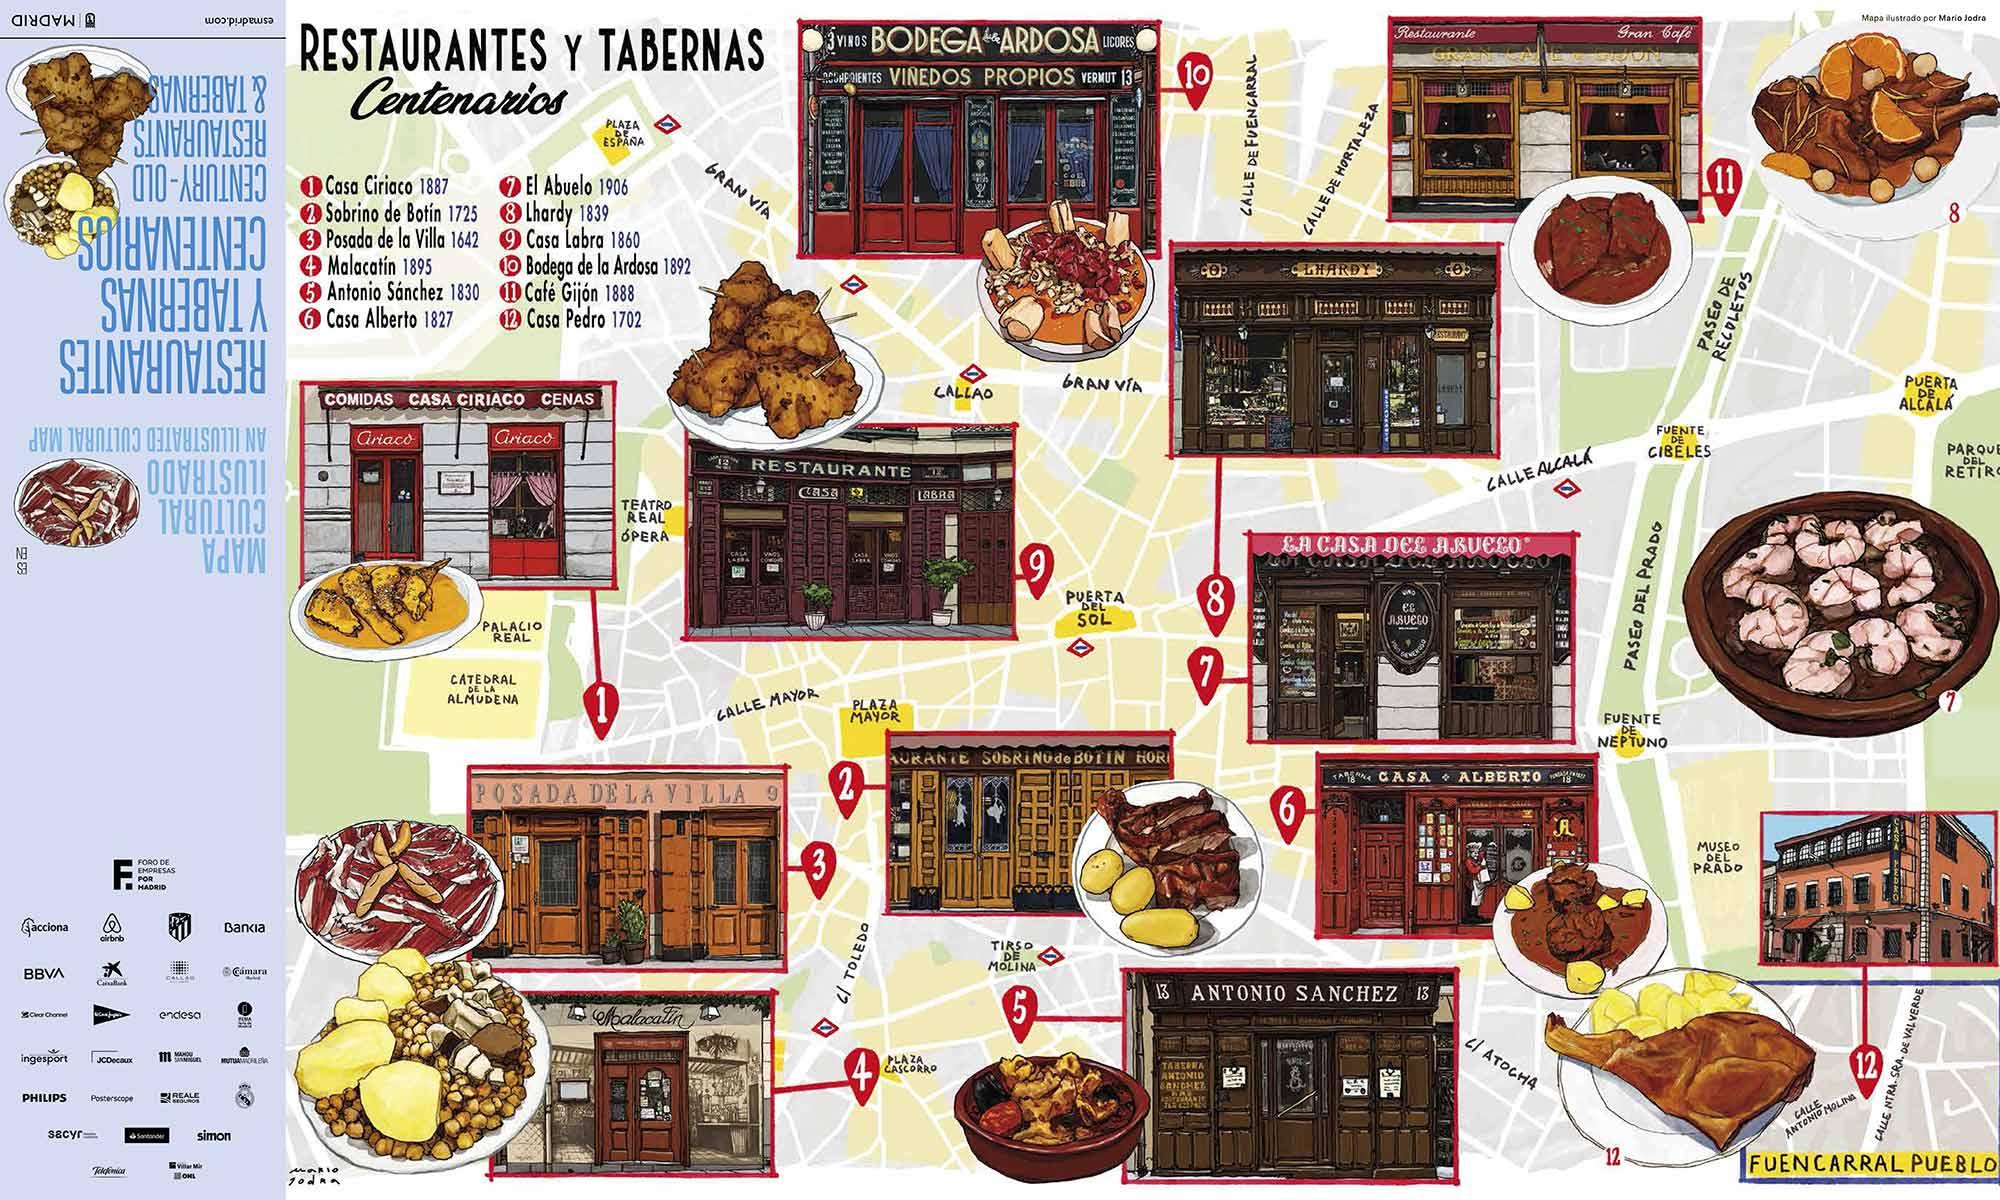 Mario Jodra illustration Art - Mapa Restaurantes Centenarios Madrid